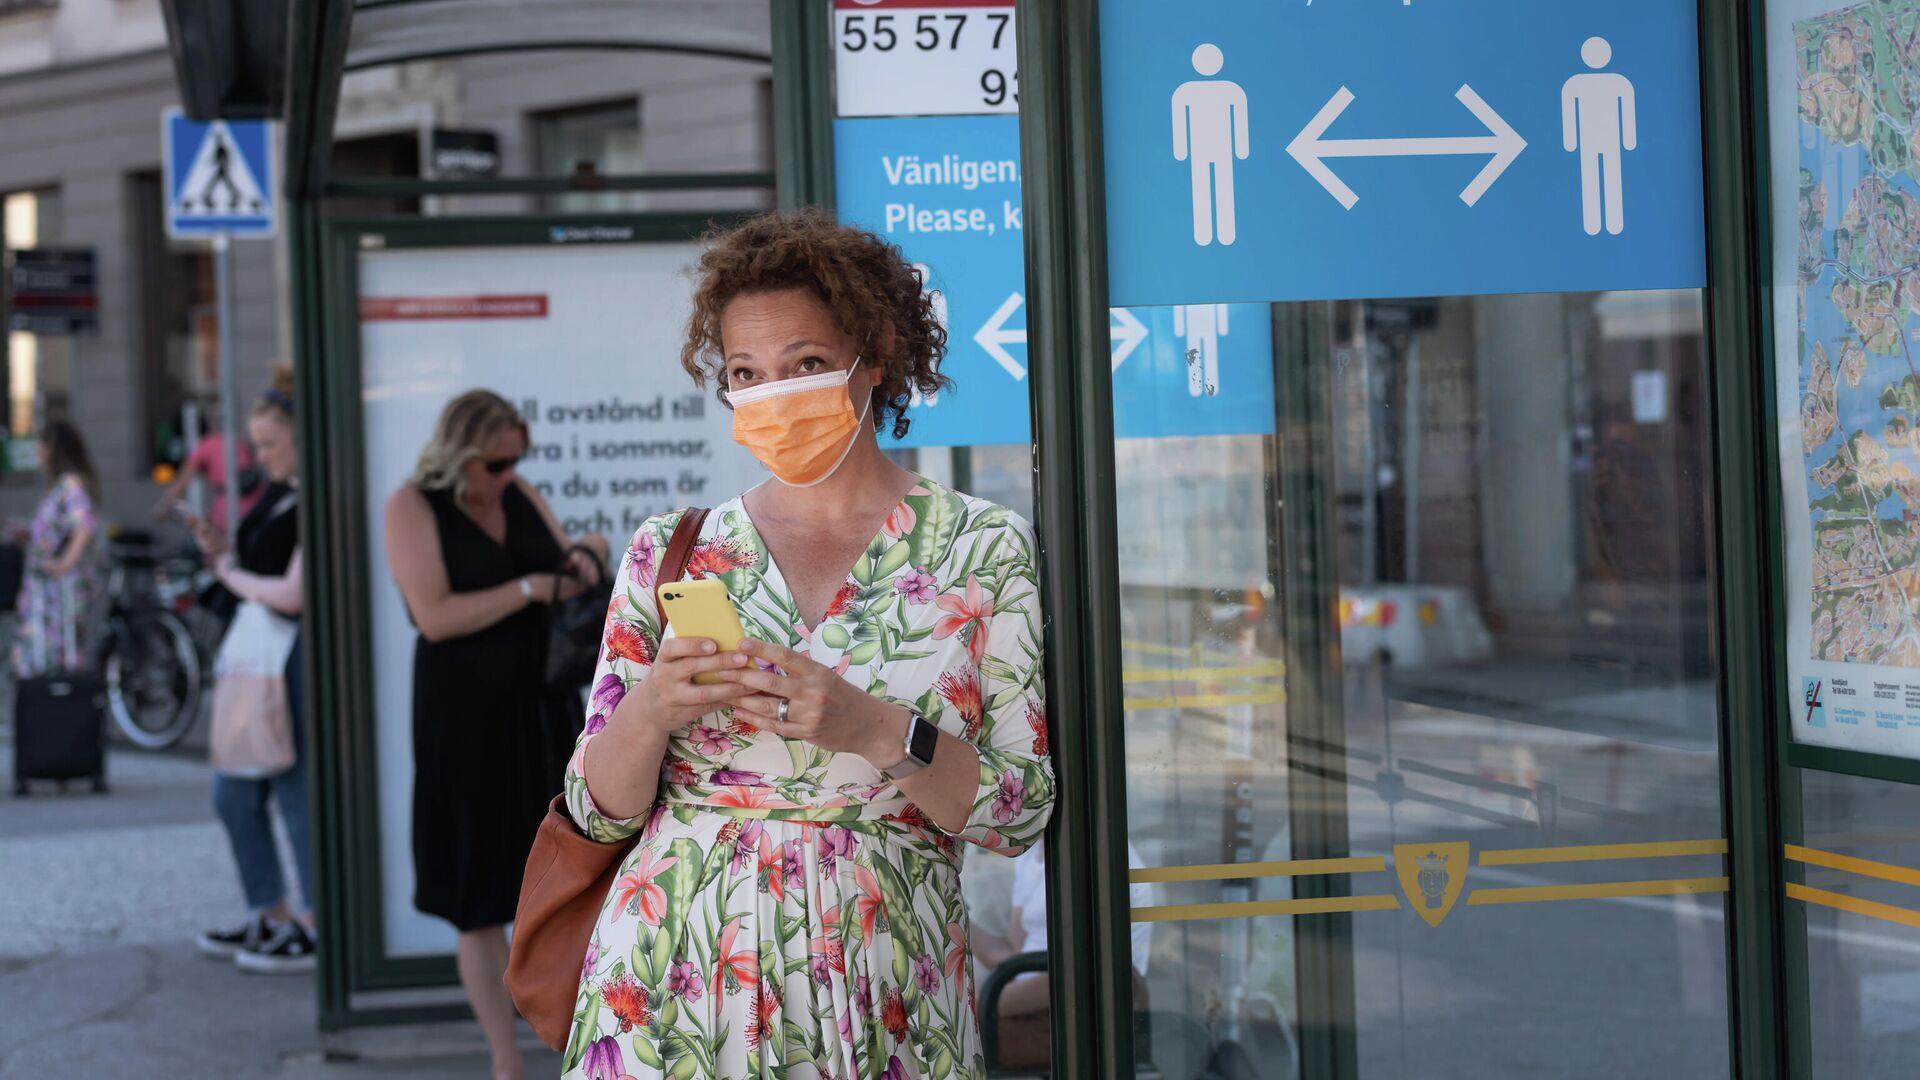 Женщина в защитной маске на автобусной остановке с плакатом, призывающим держать социальную дистанцию, Стокгольм, Швеция - РИА Новости, 1920, 01.09.2020